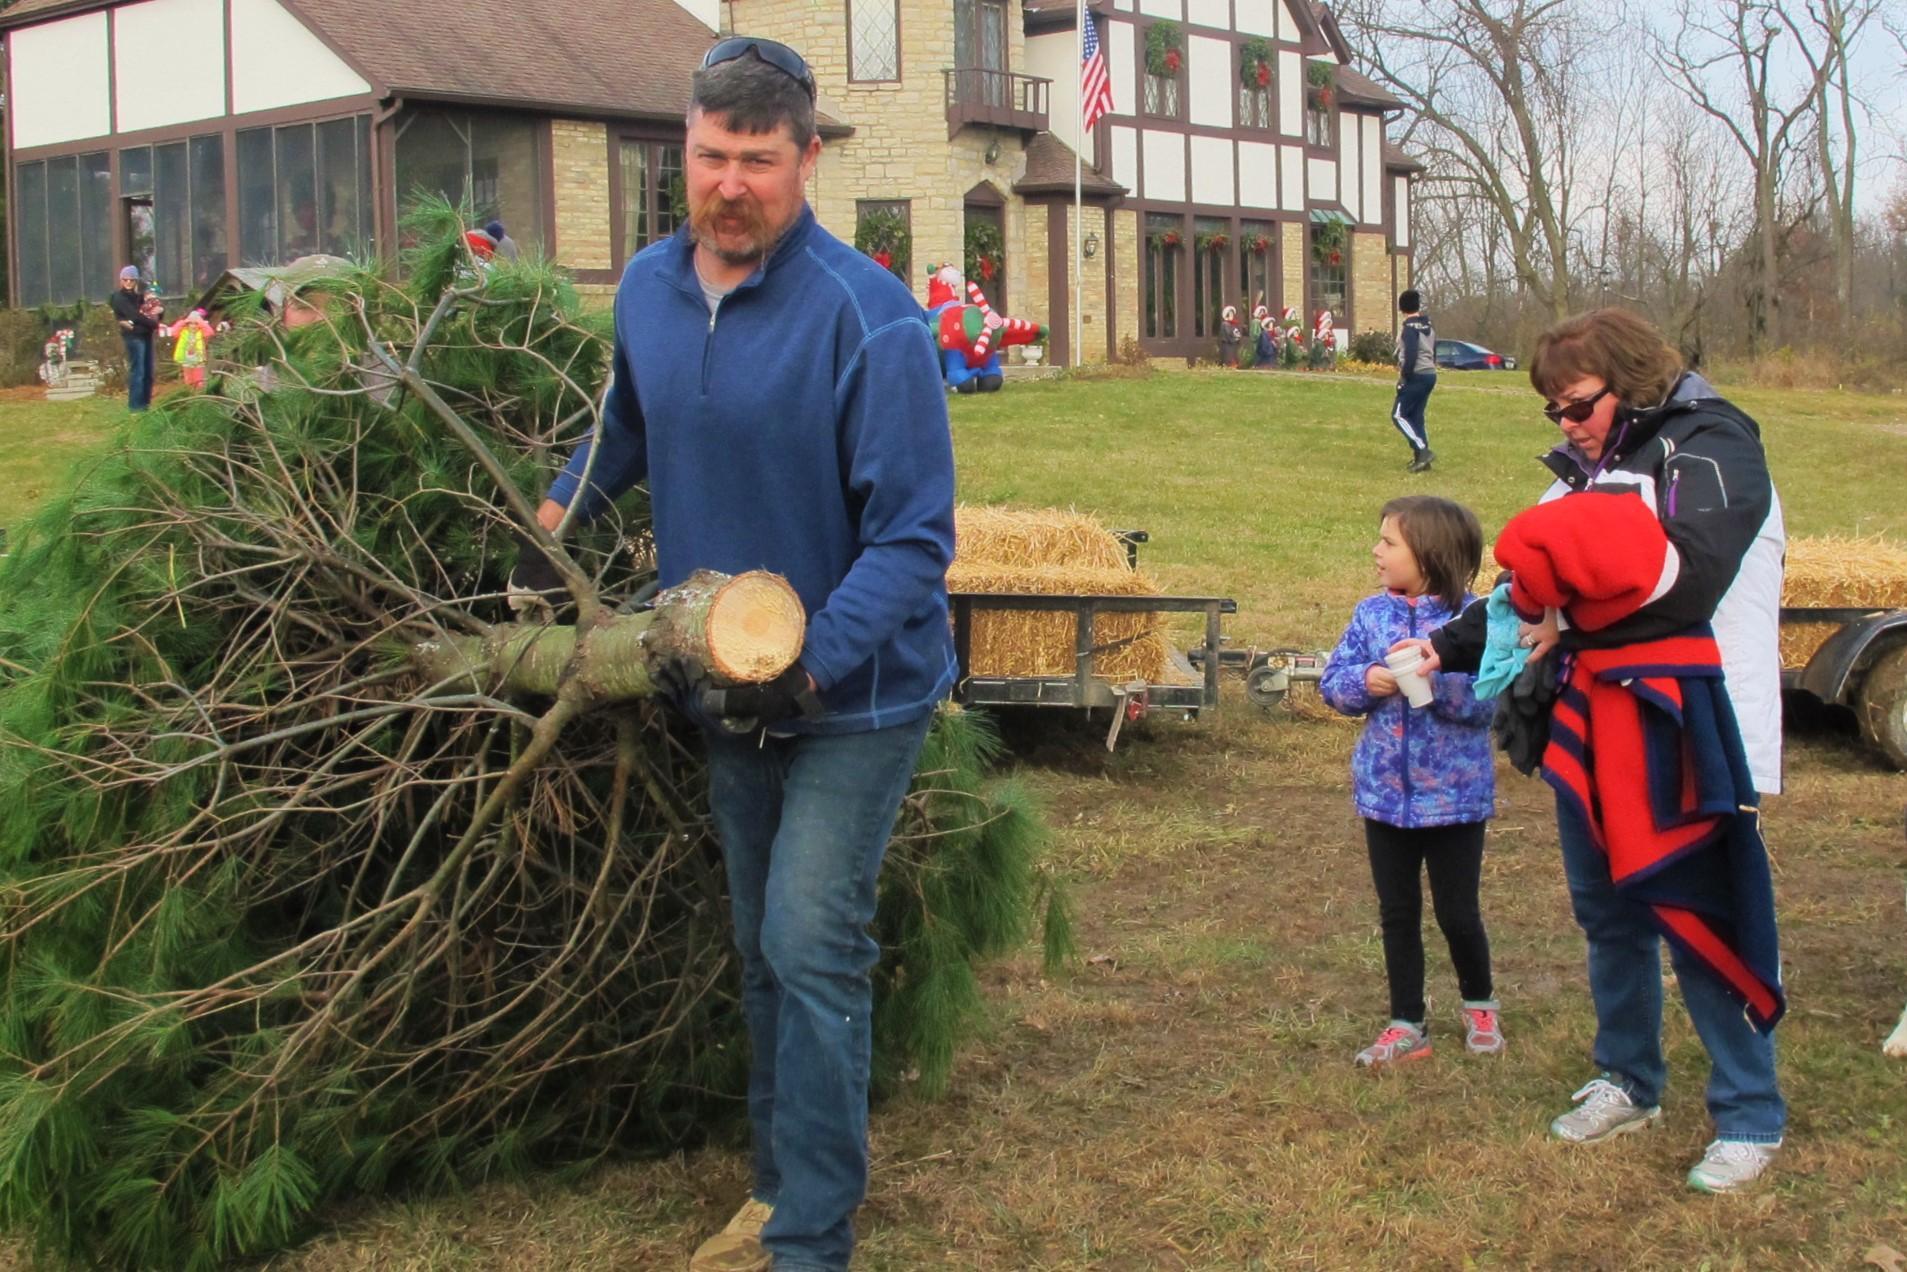 Timber! Christmas Tree Farms Topple Around Central Ohio | WOSU Radio